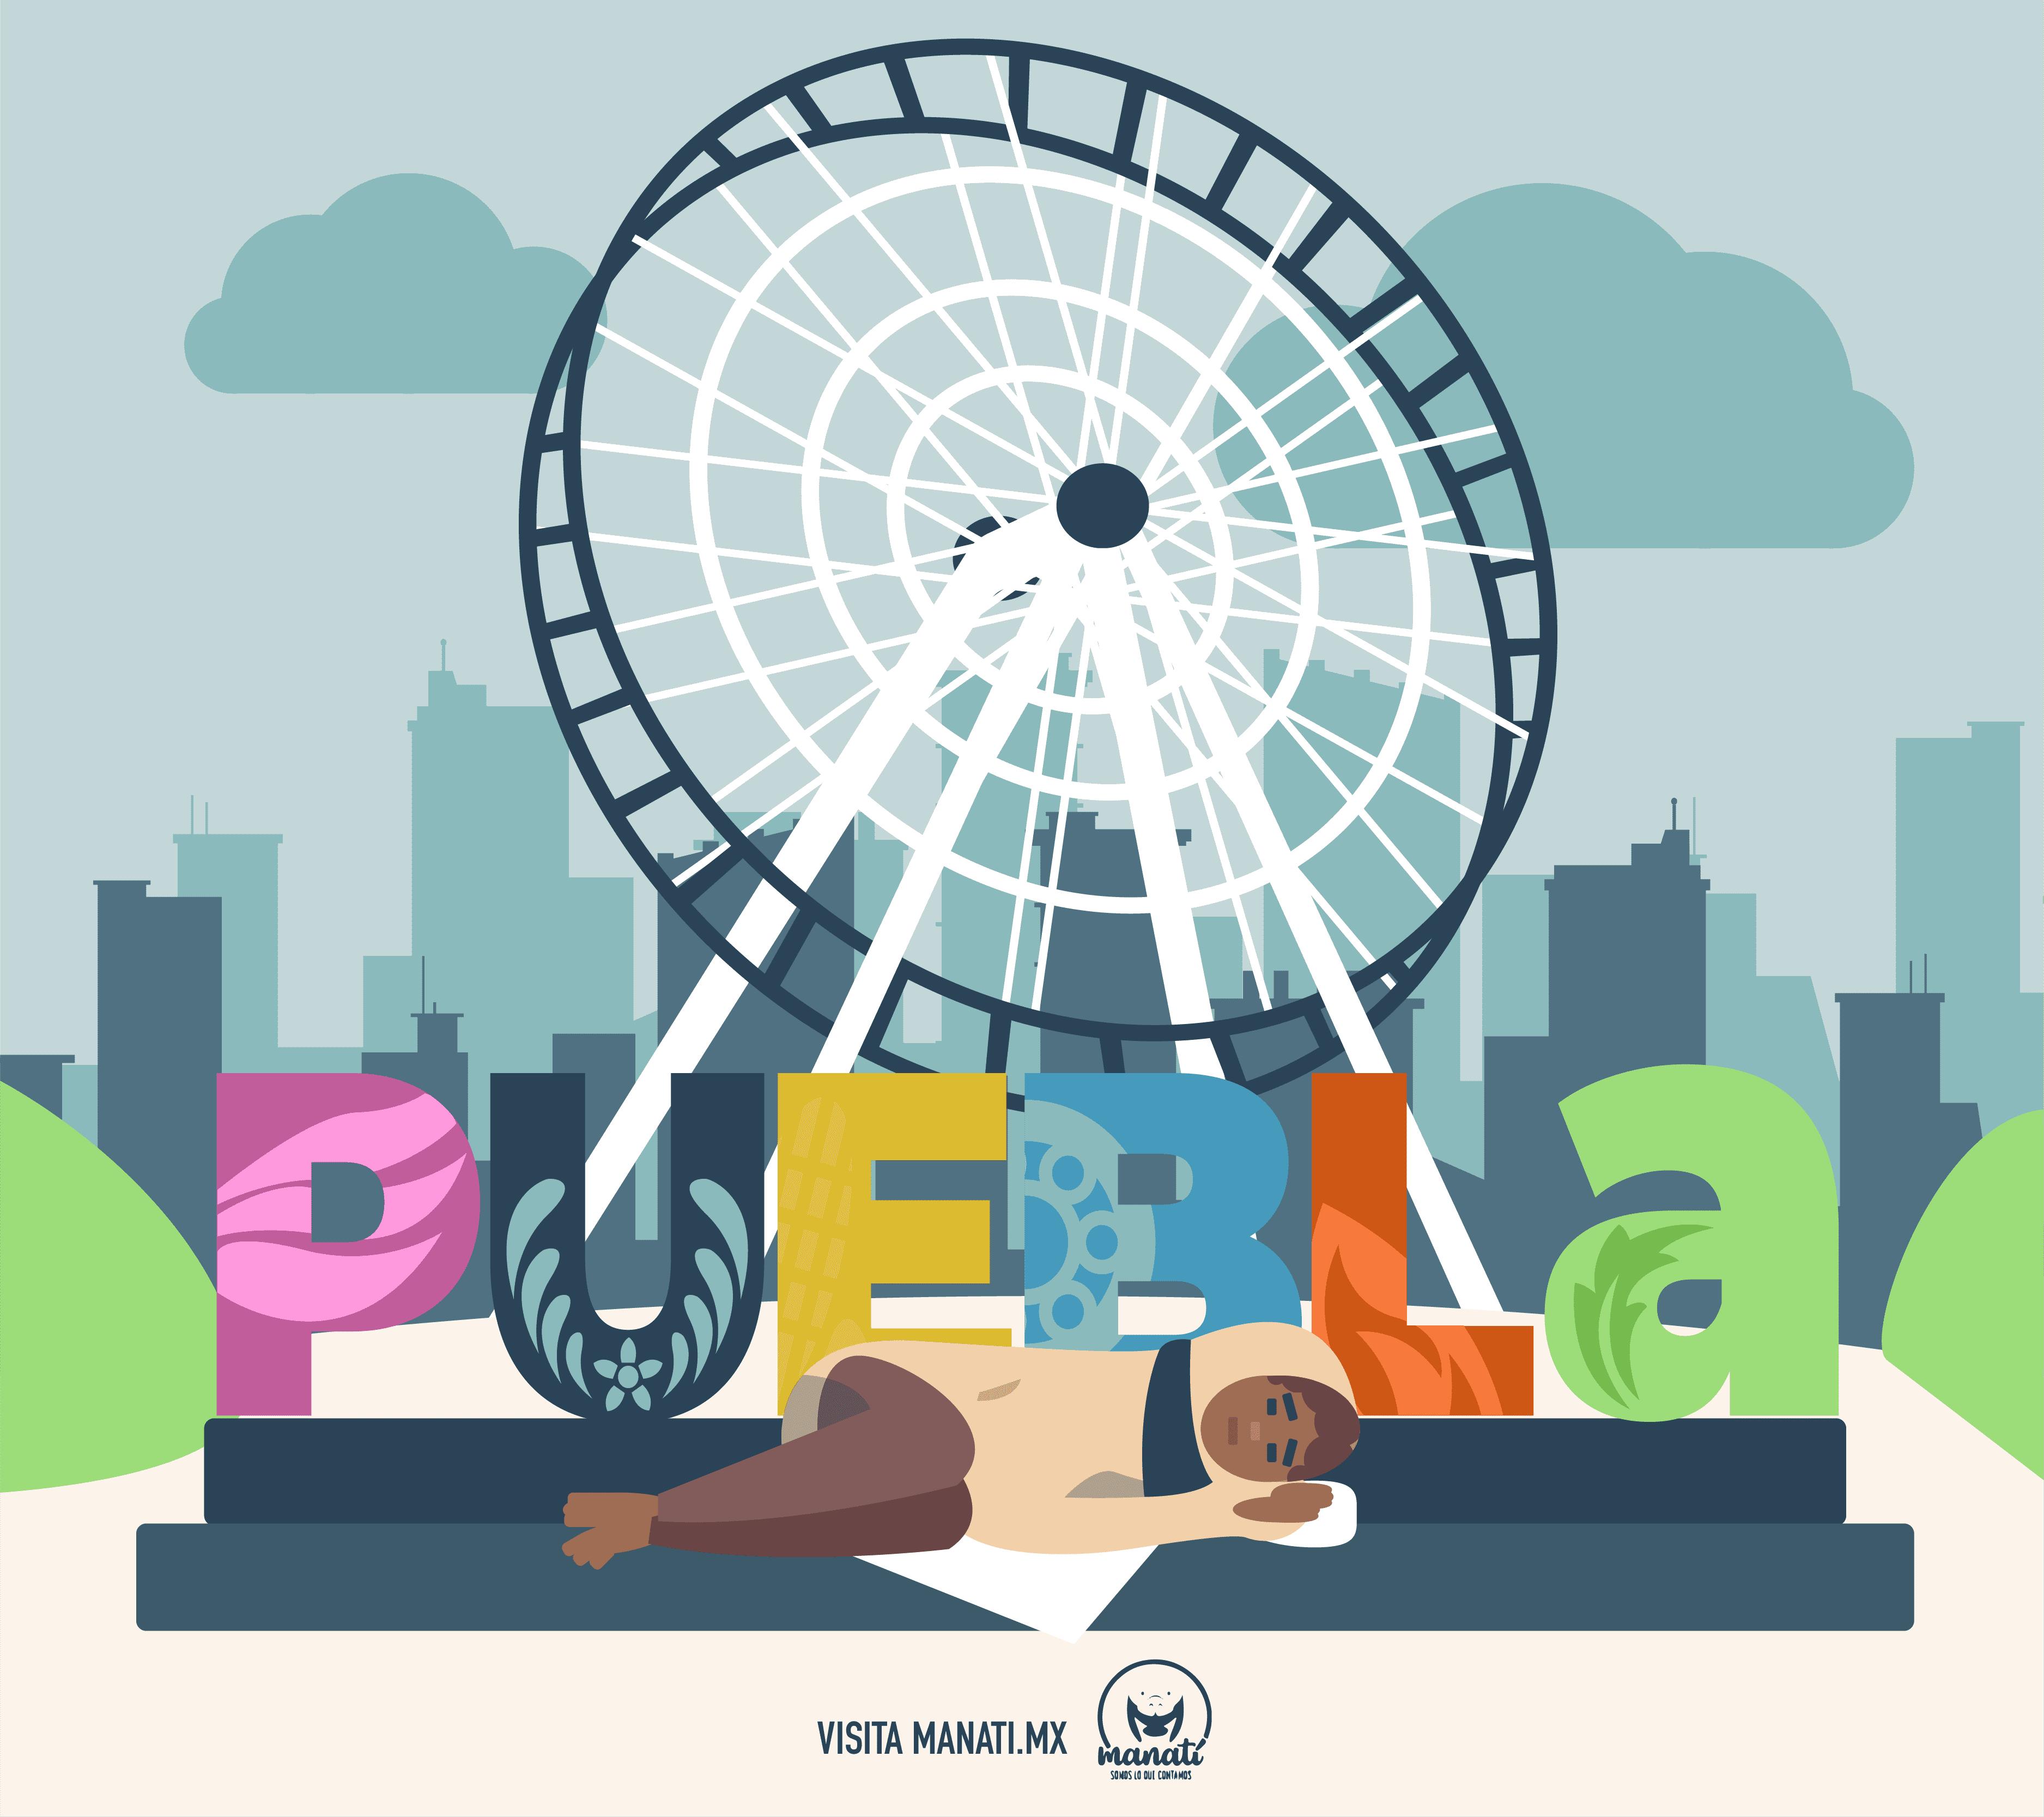 Personas en situación de pobreza Puebla